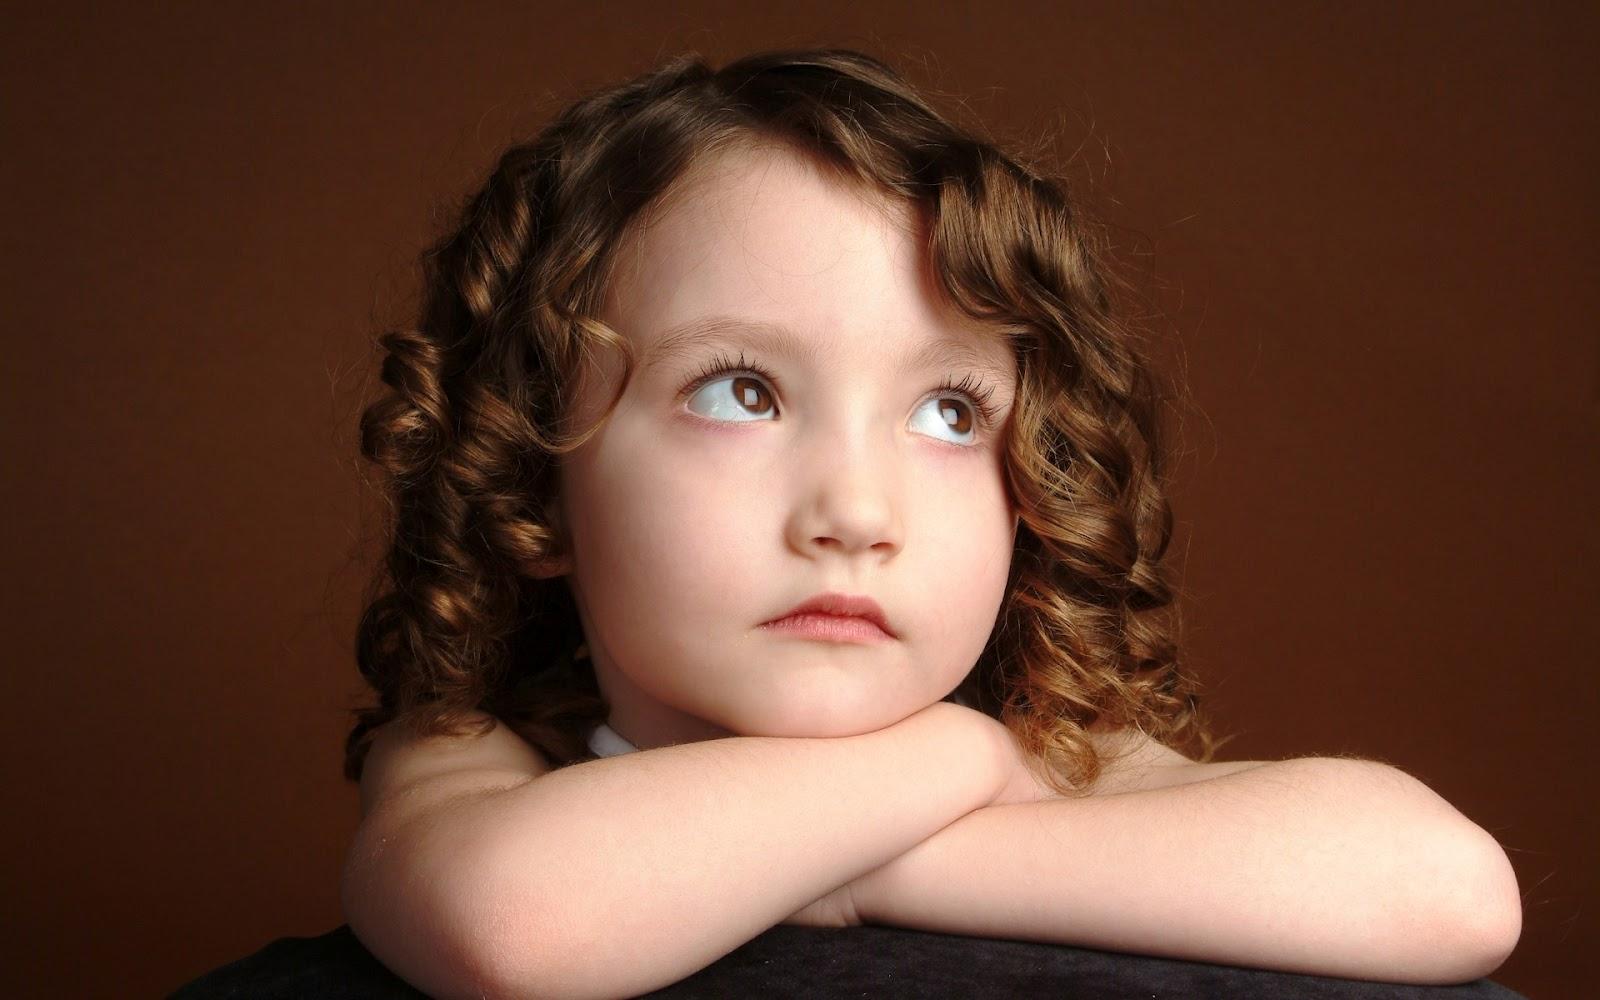 http://4.bp.blogspot.com/-nsb2Sb3M1GI/T-0zLaPtZbI/AAAAAAAAANs/KdW7hsx9QH8/s1600/free-desktop-hd-Baby-wallpapers%2B(7).jpg